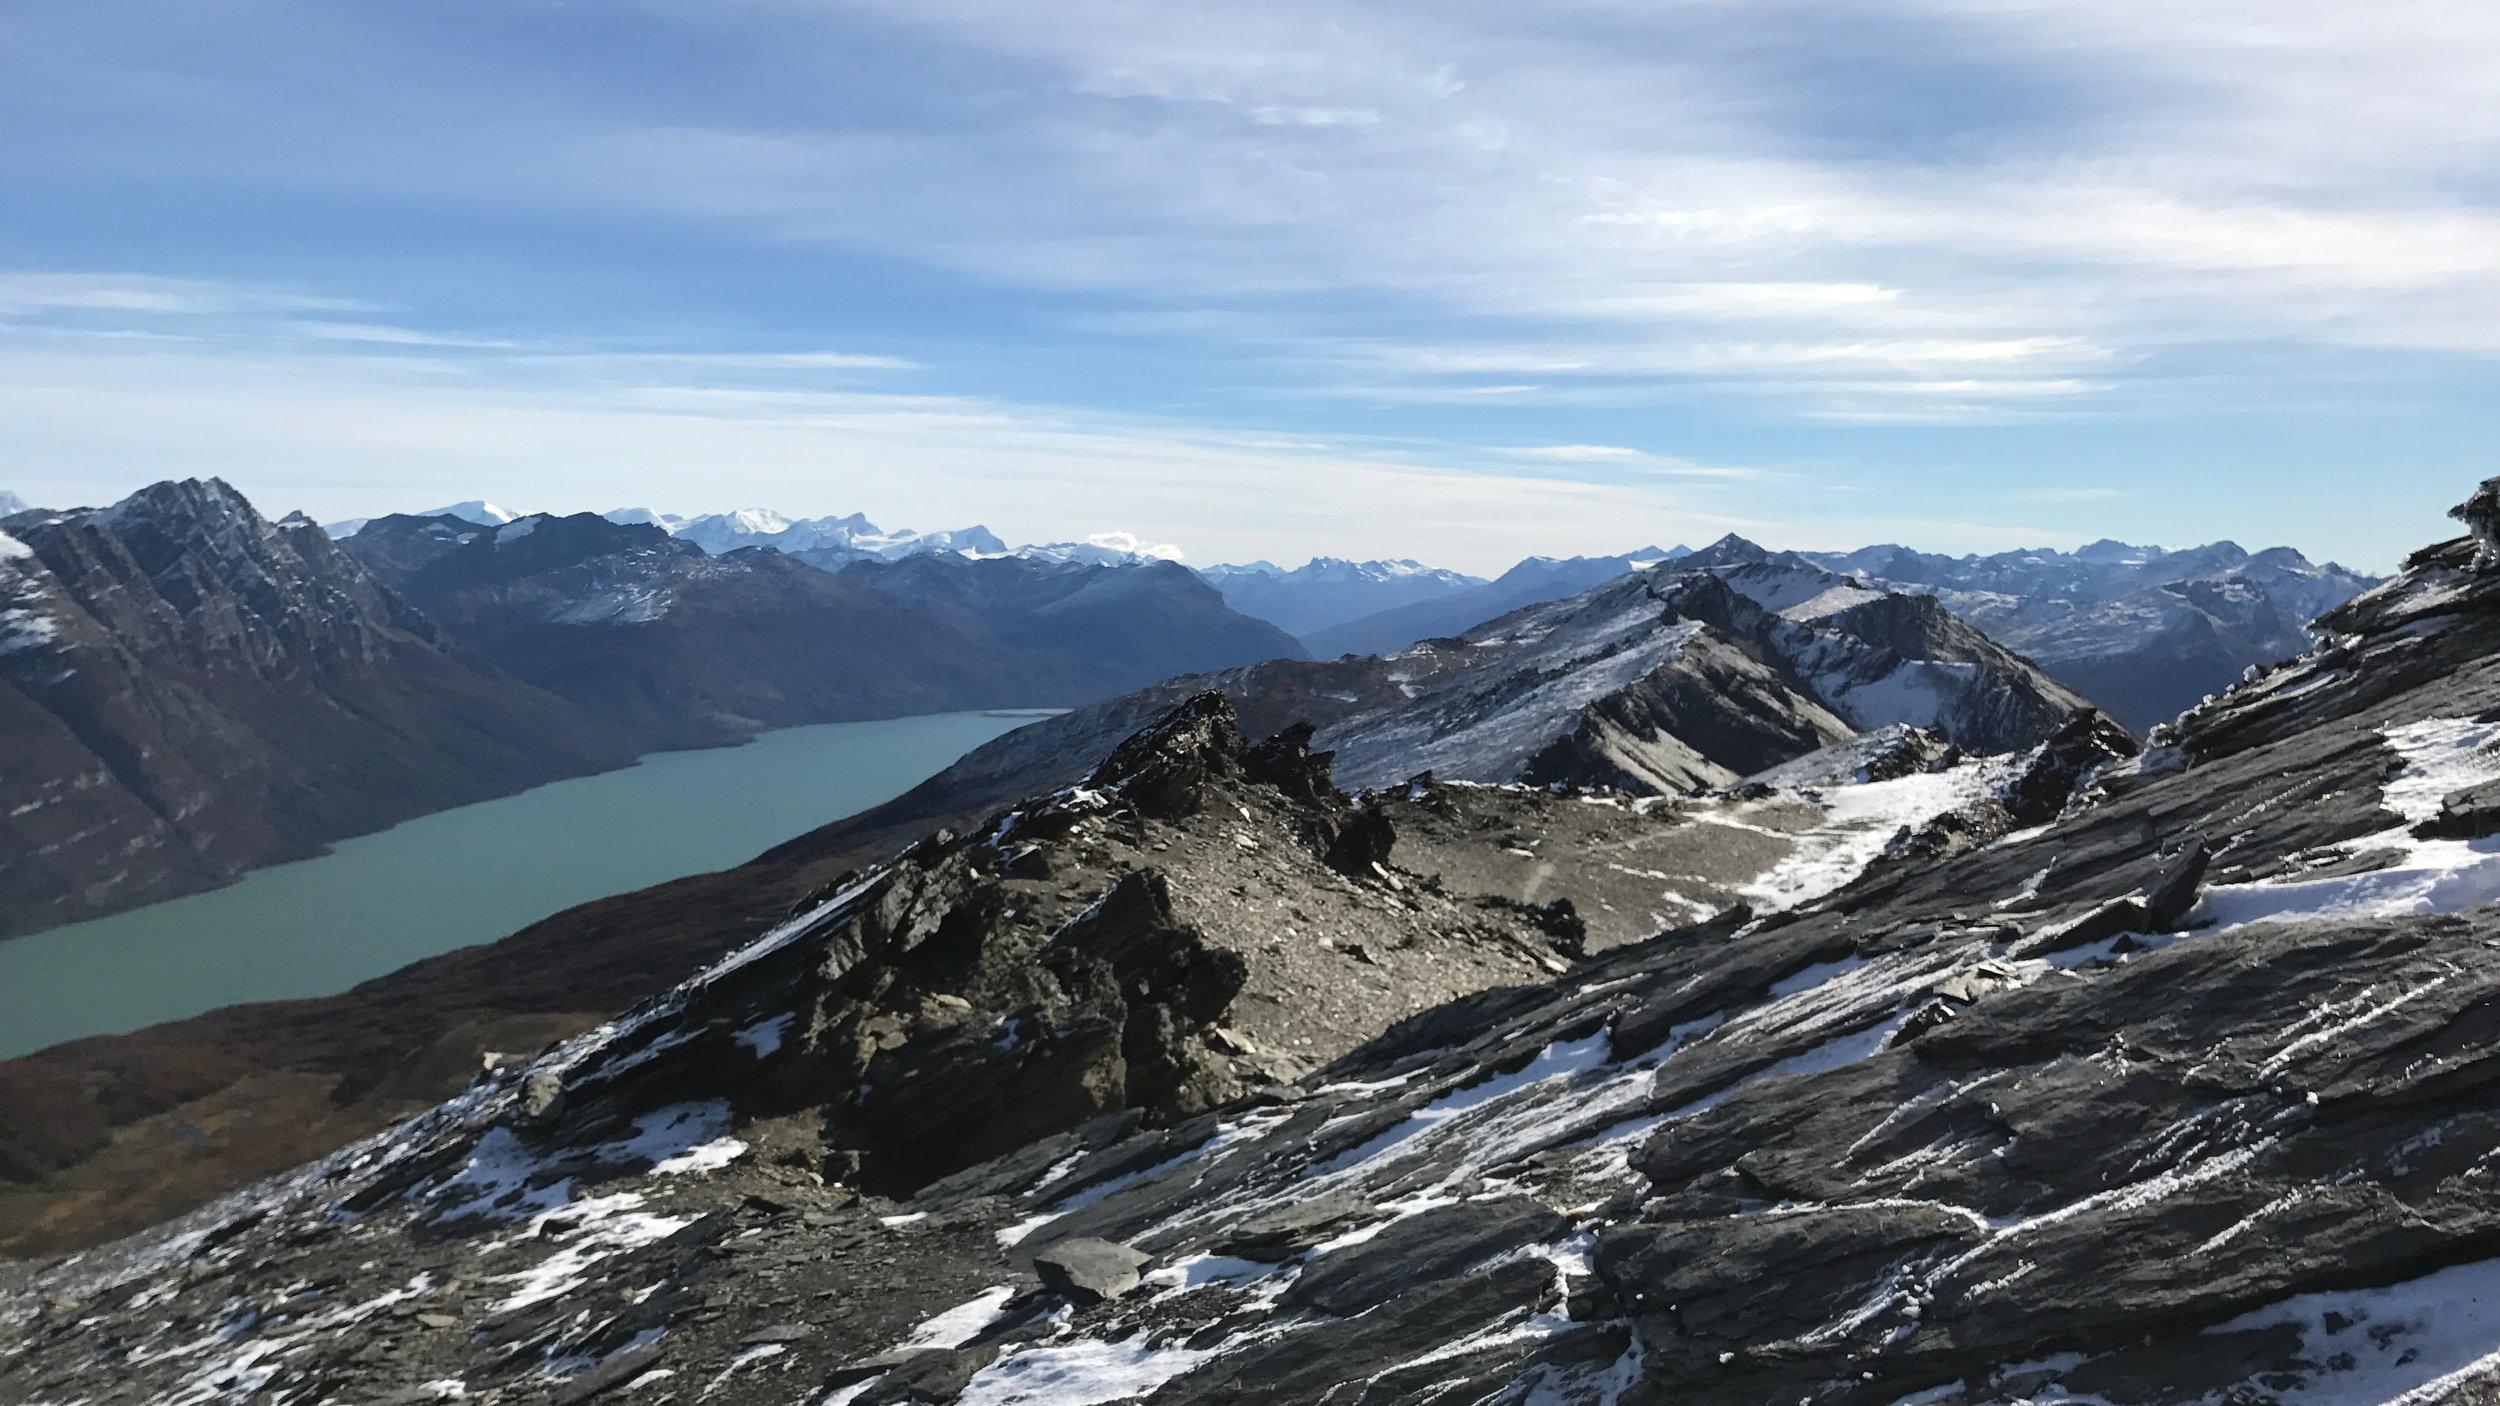 Cerro Guanaco, Parque National Tierra del Fuego  / Ushuaïa, Argentine.  ©2017 Florian Zellweger